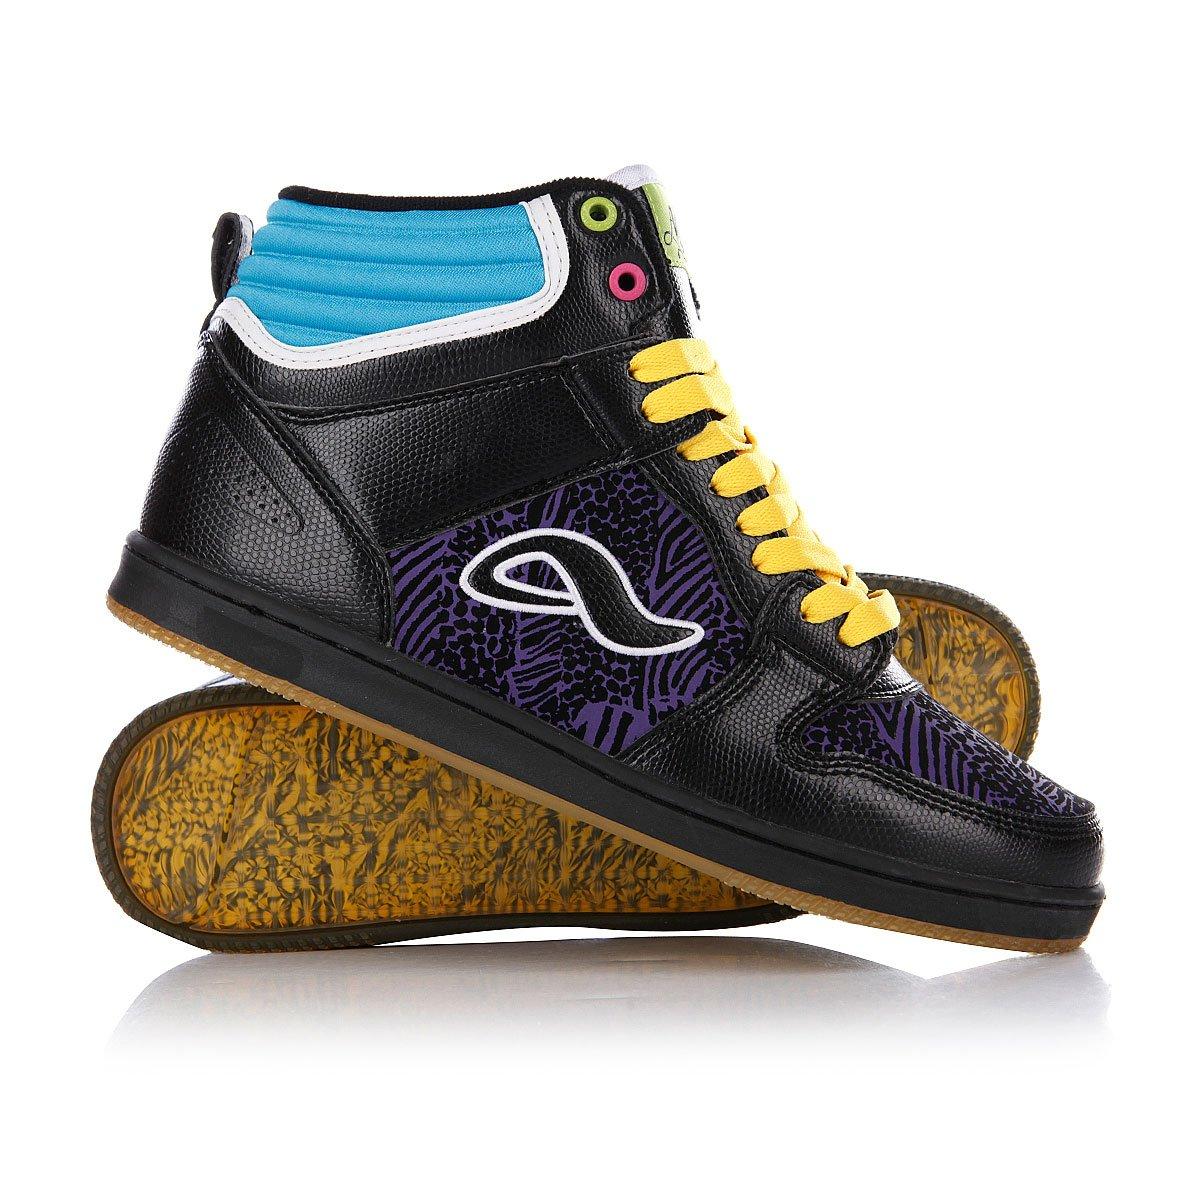 9982420c Купить кеды высокие Adio Ruckus Black/Purple/Yellow (fixed_price) в ...